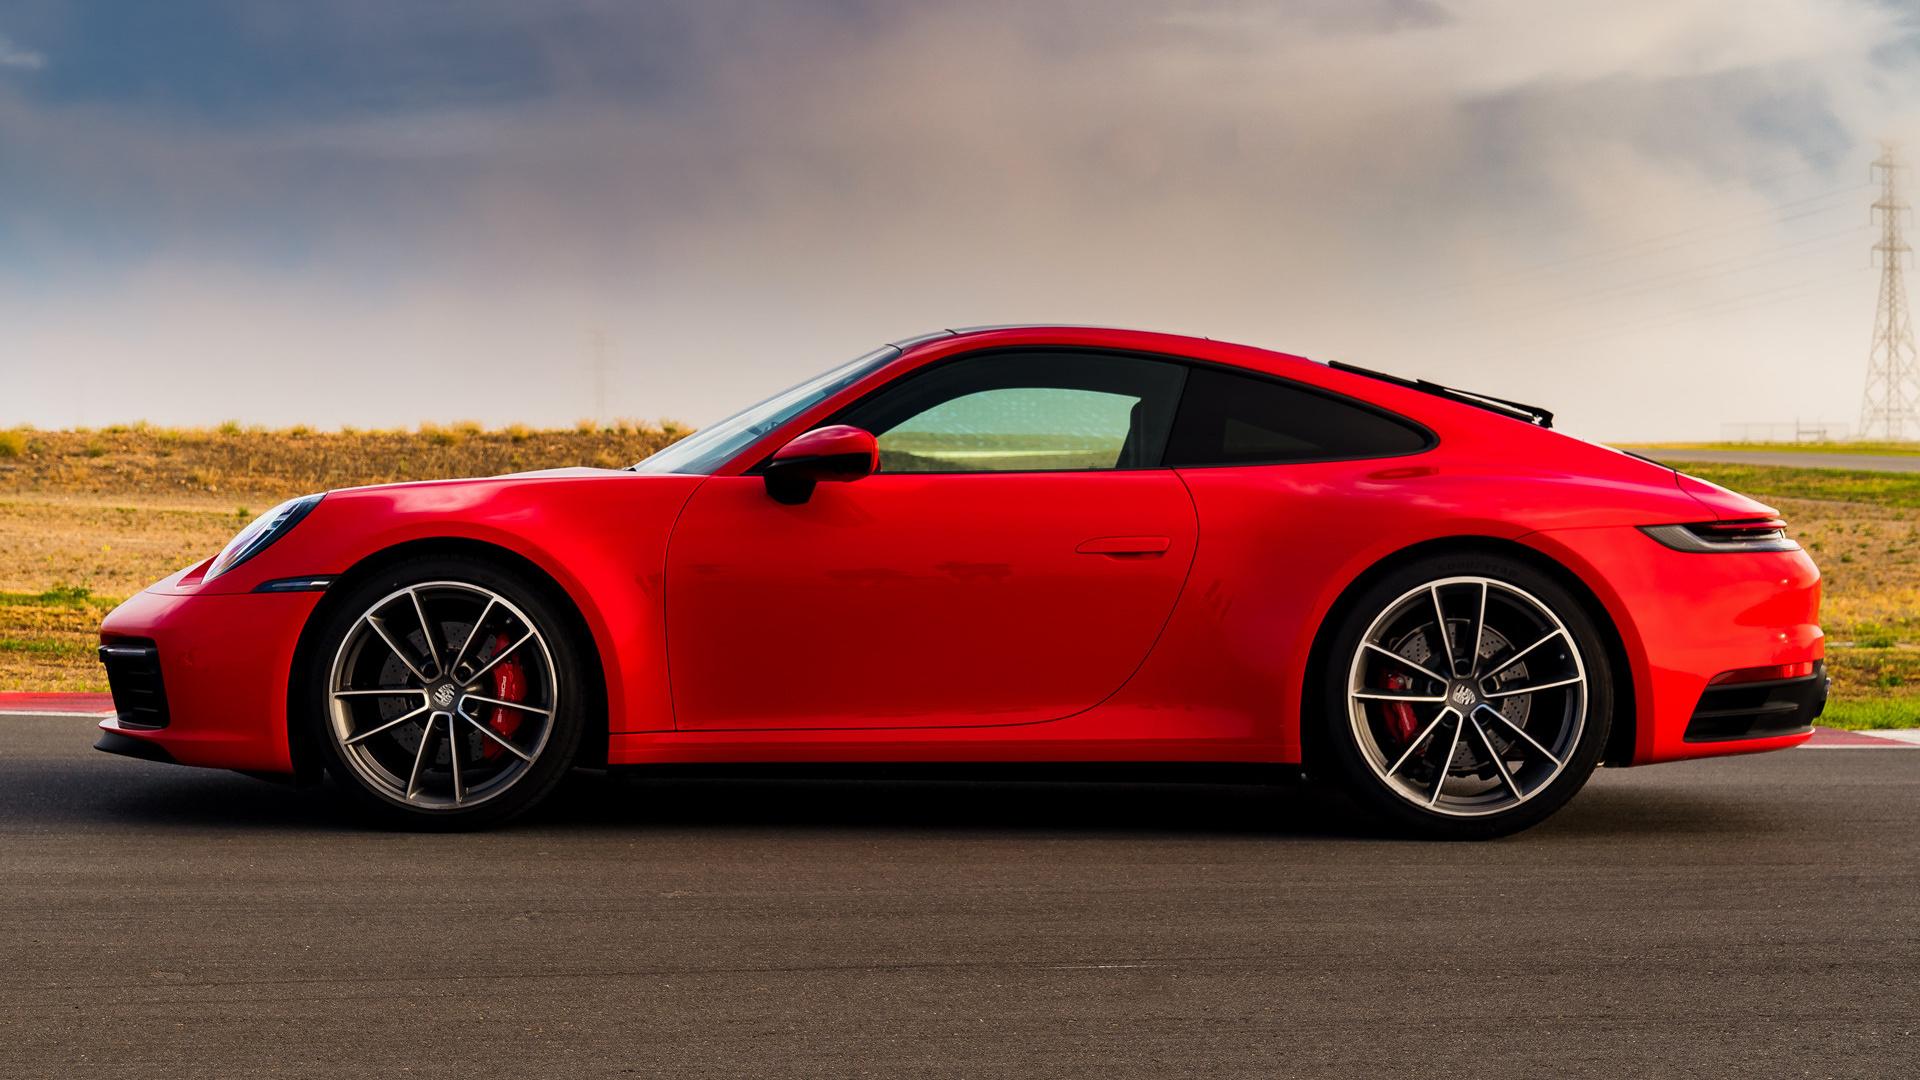 2019 porsche 911 carrera s au hintergrundbilder und - Porsche 911 carrera s wallpaper ...